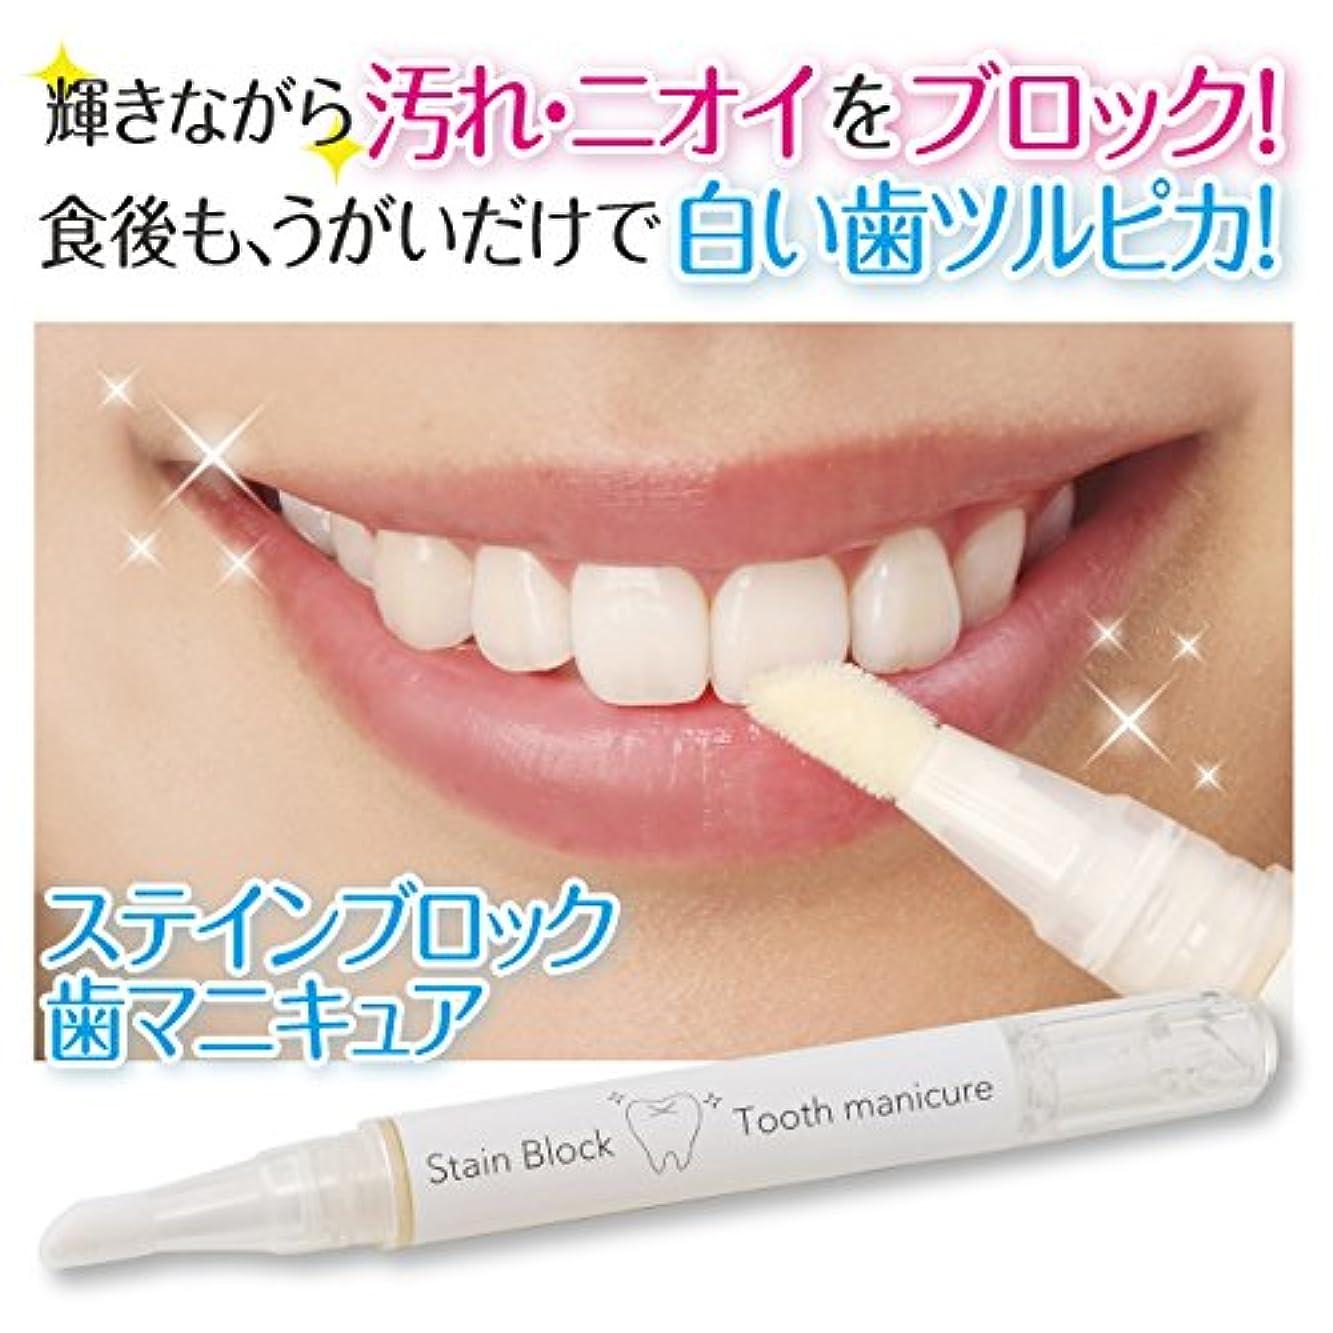 実証するドナー気難しいステインブロック歯マニキュア